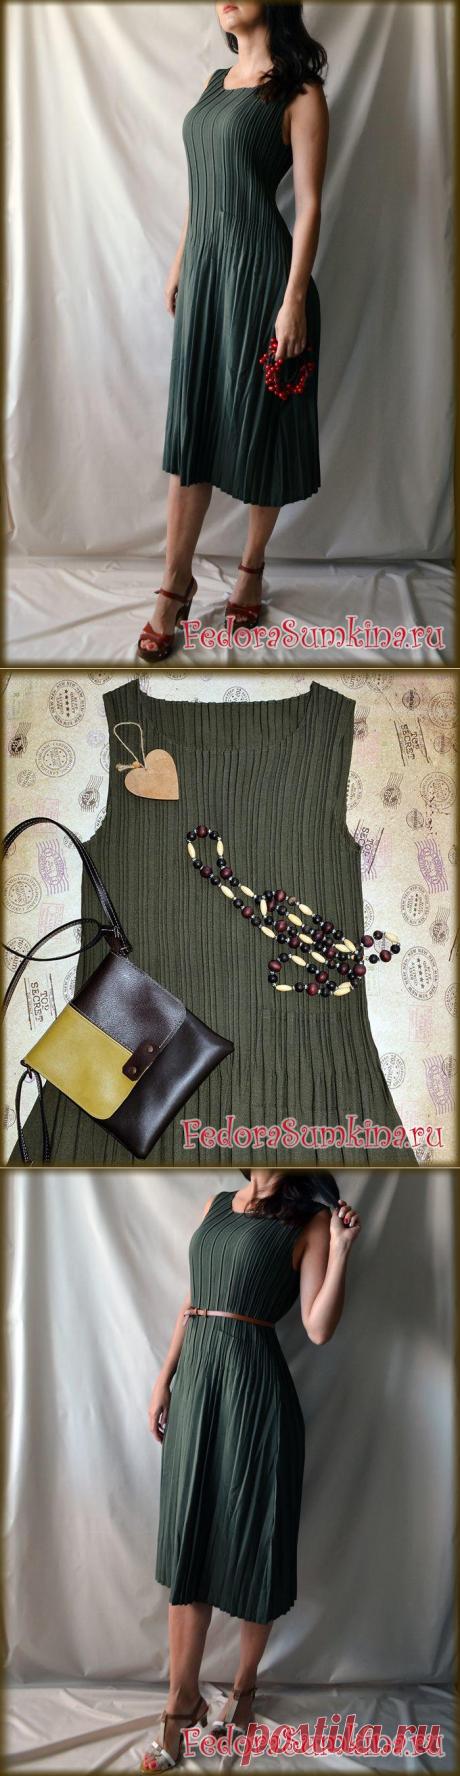 Красивое платье для женщин размера плюс